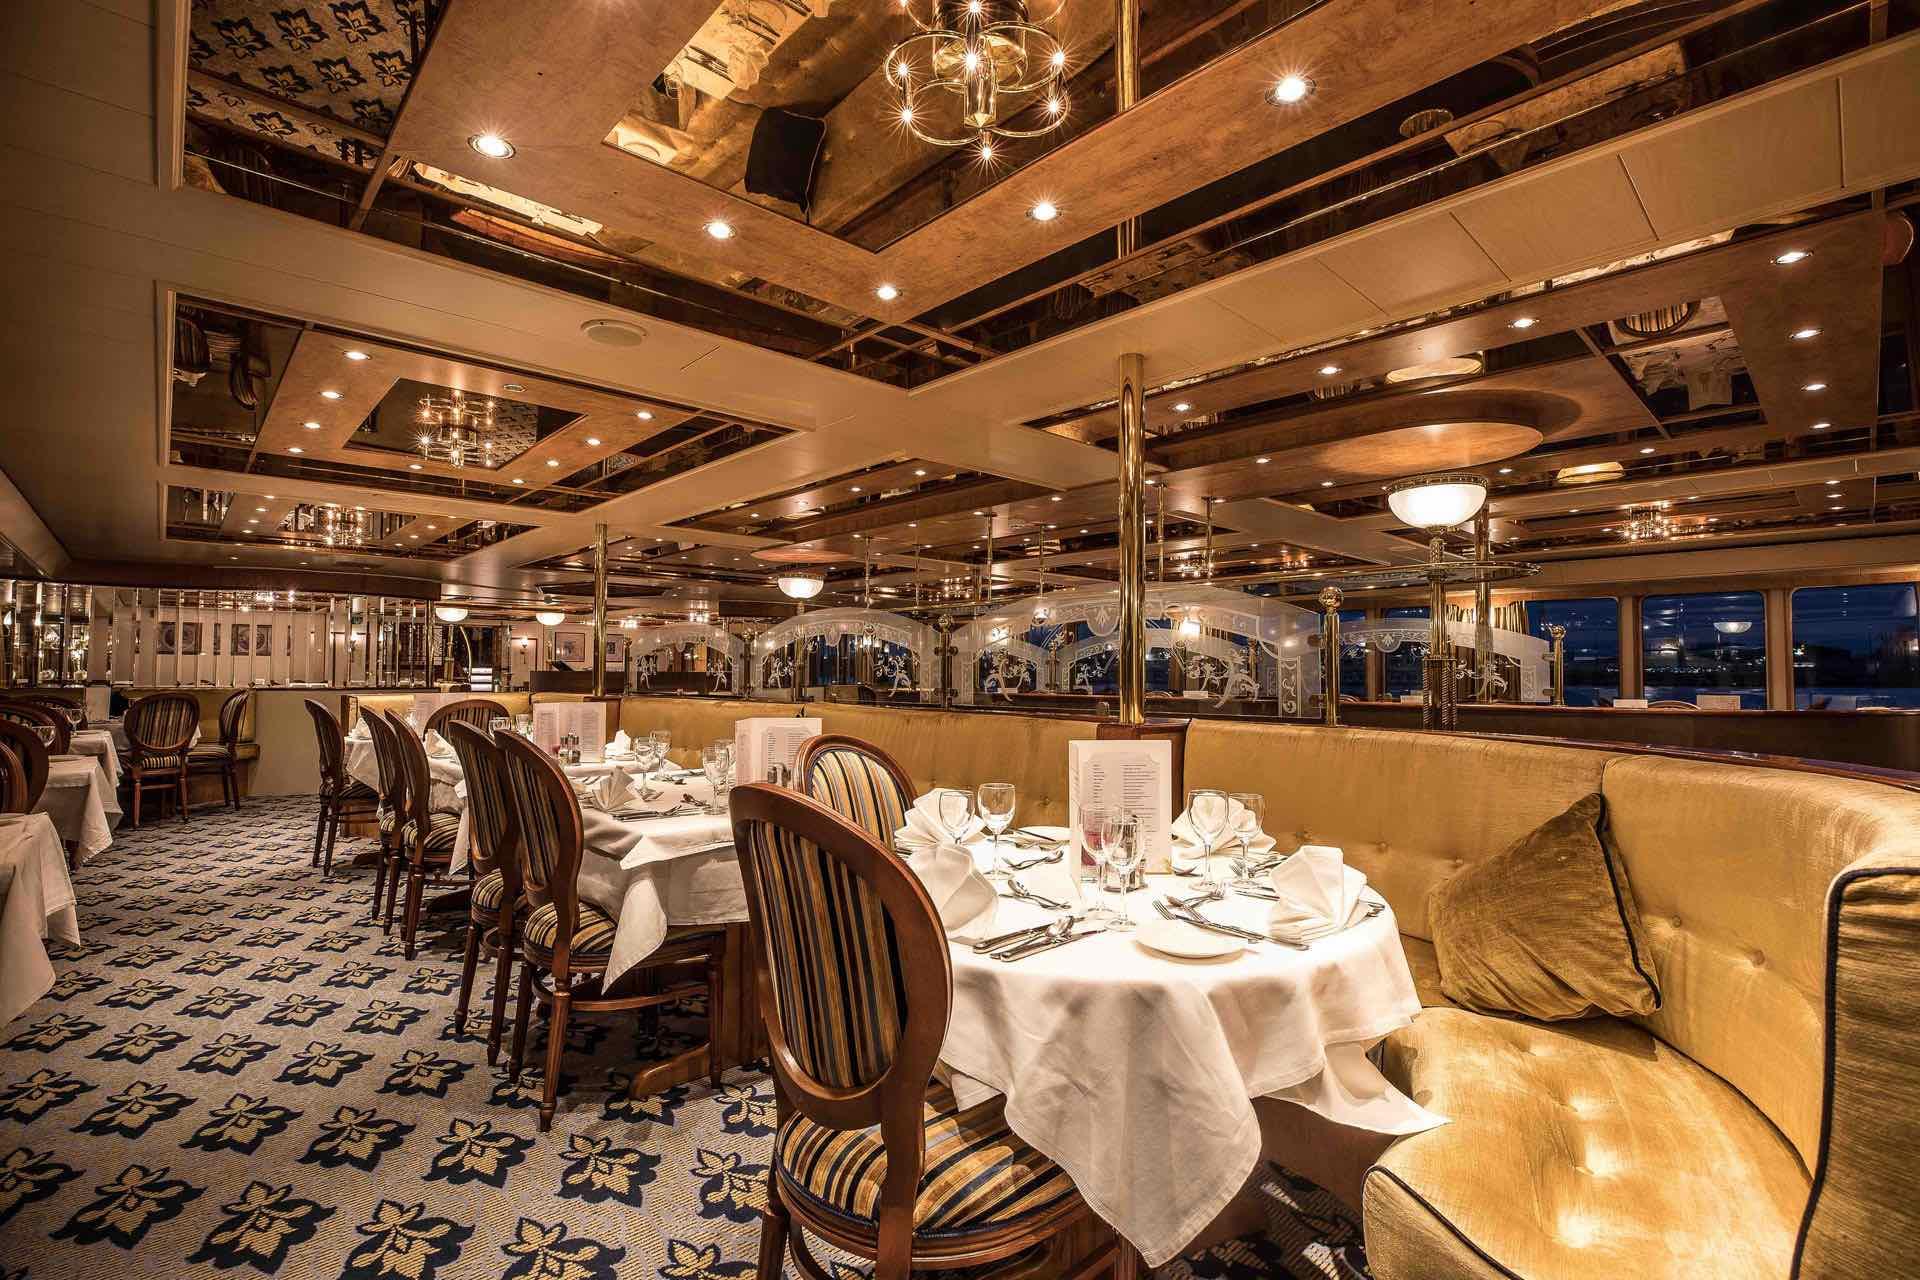 MS Swiss Crown Restaurant